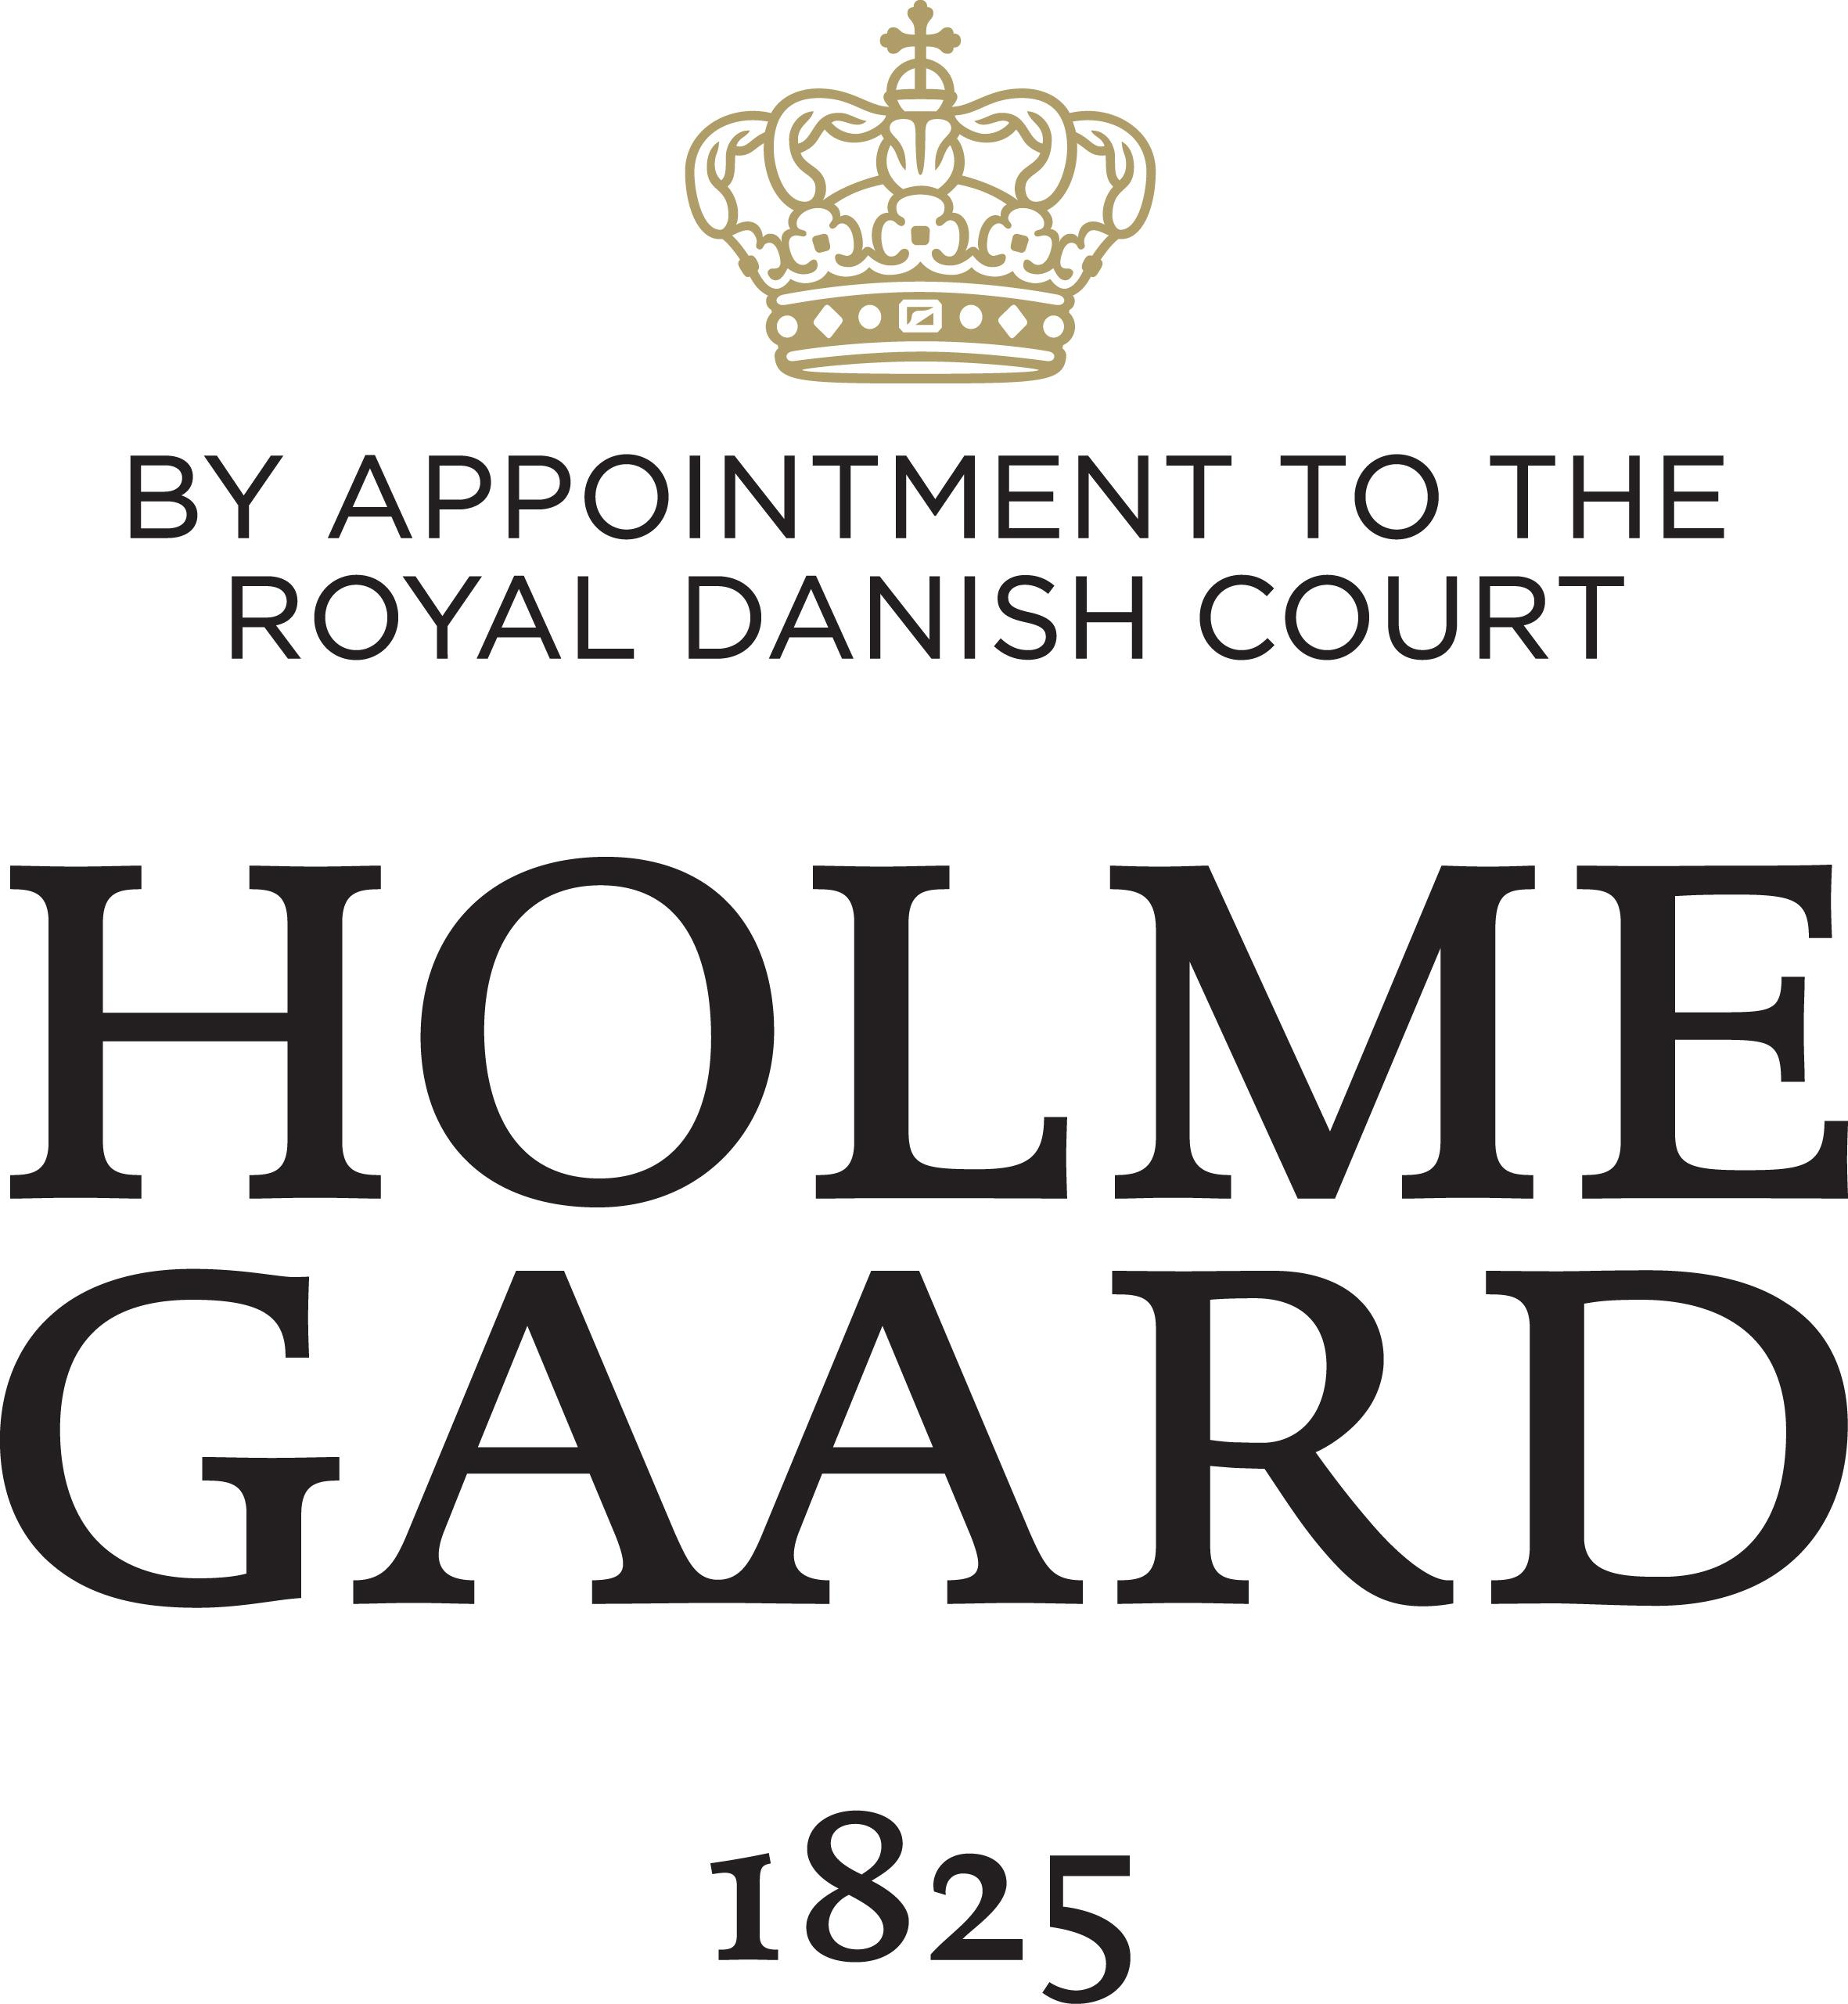 Historien om Holmegaard begyndte år 1823 ae96209dfb0d5